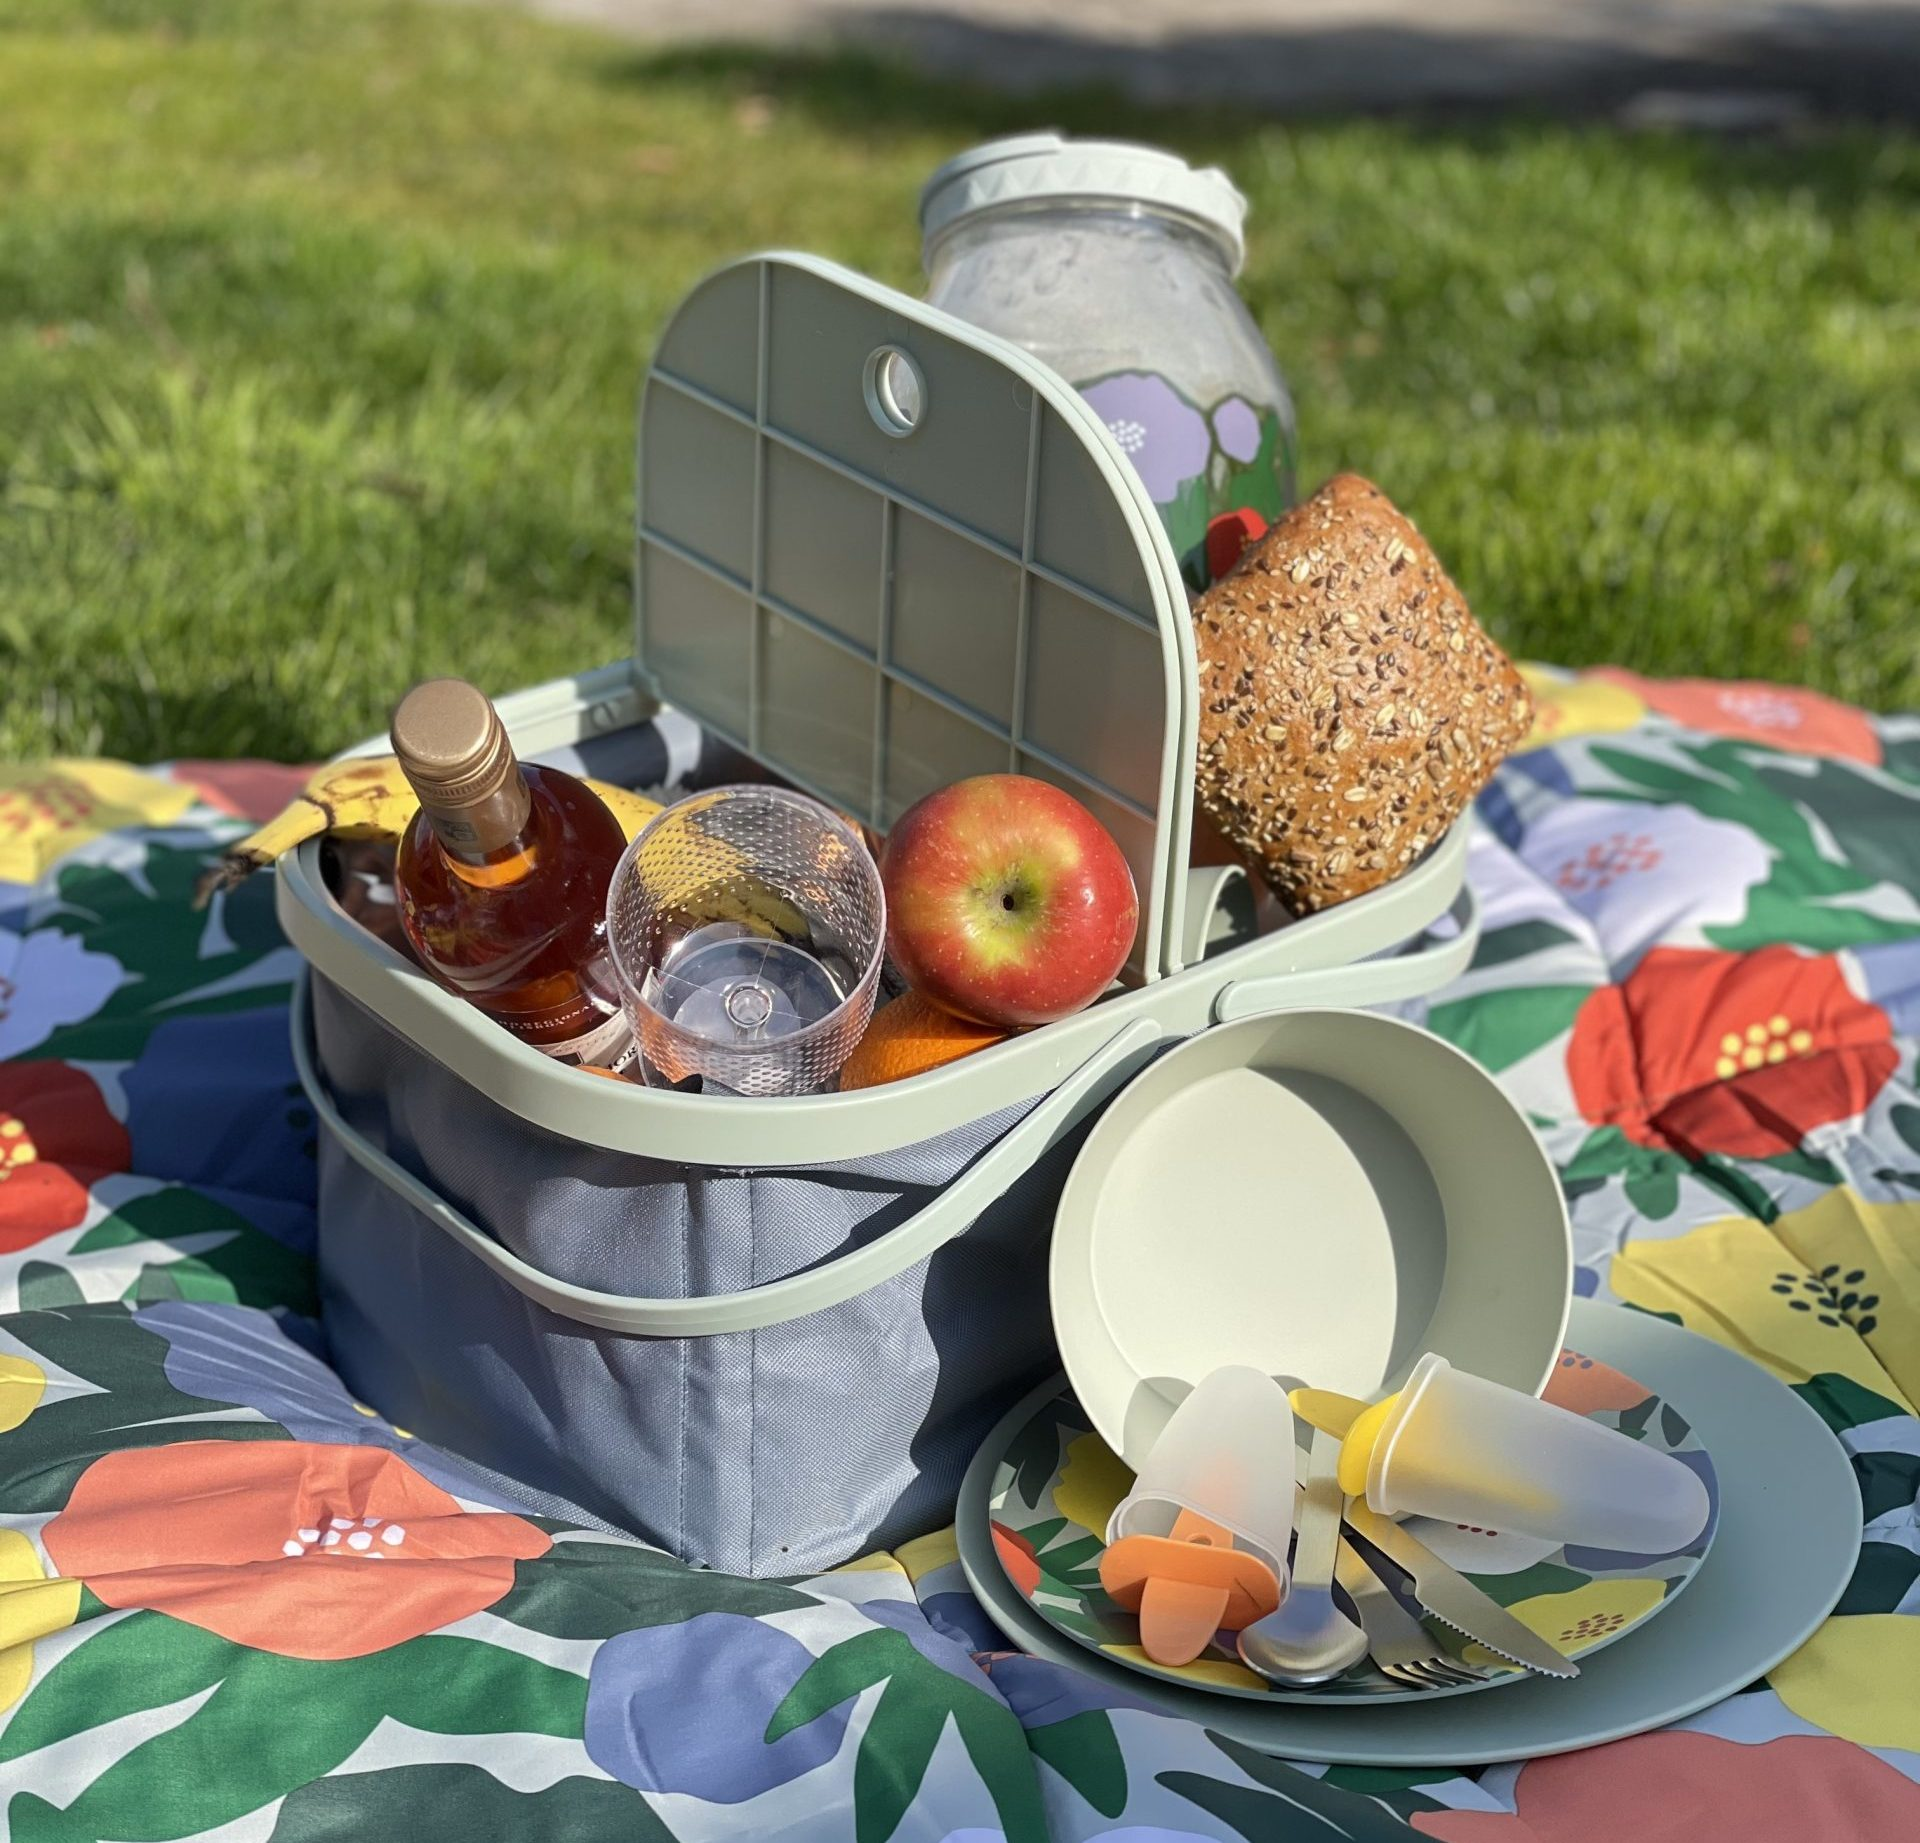 Picknickmand HEMA Wijchen - Wijchen=